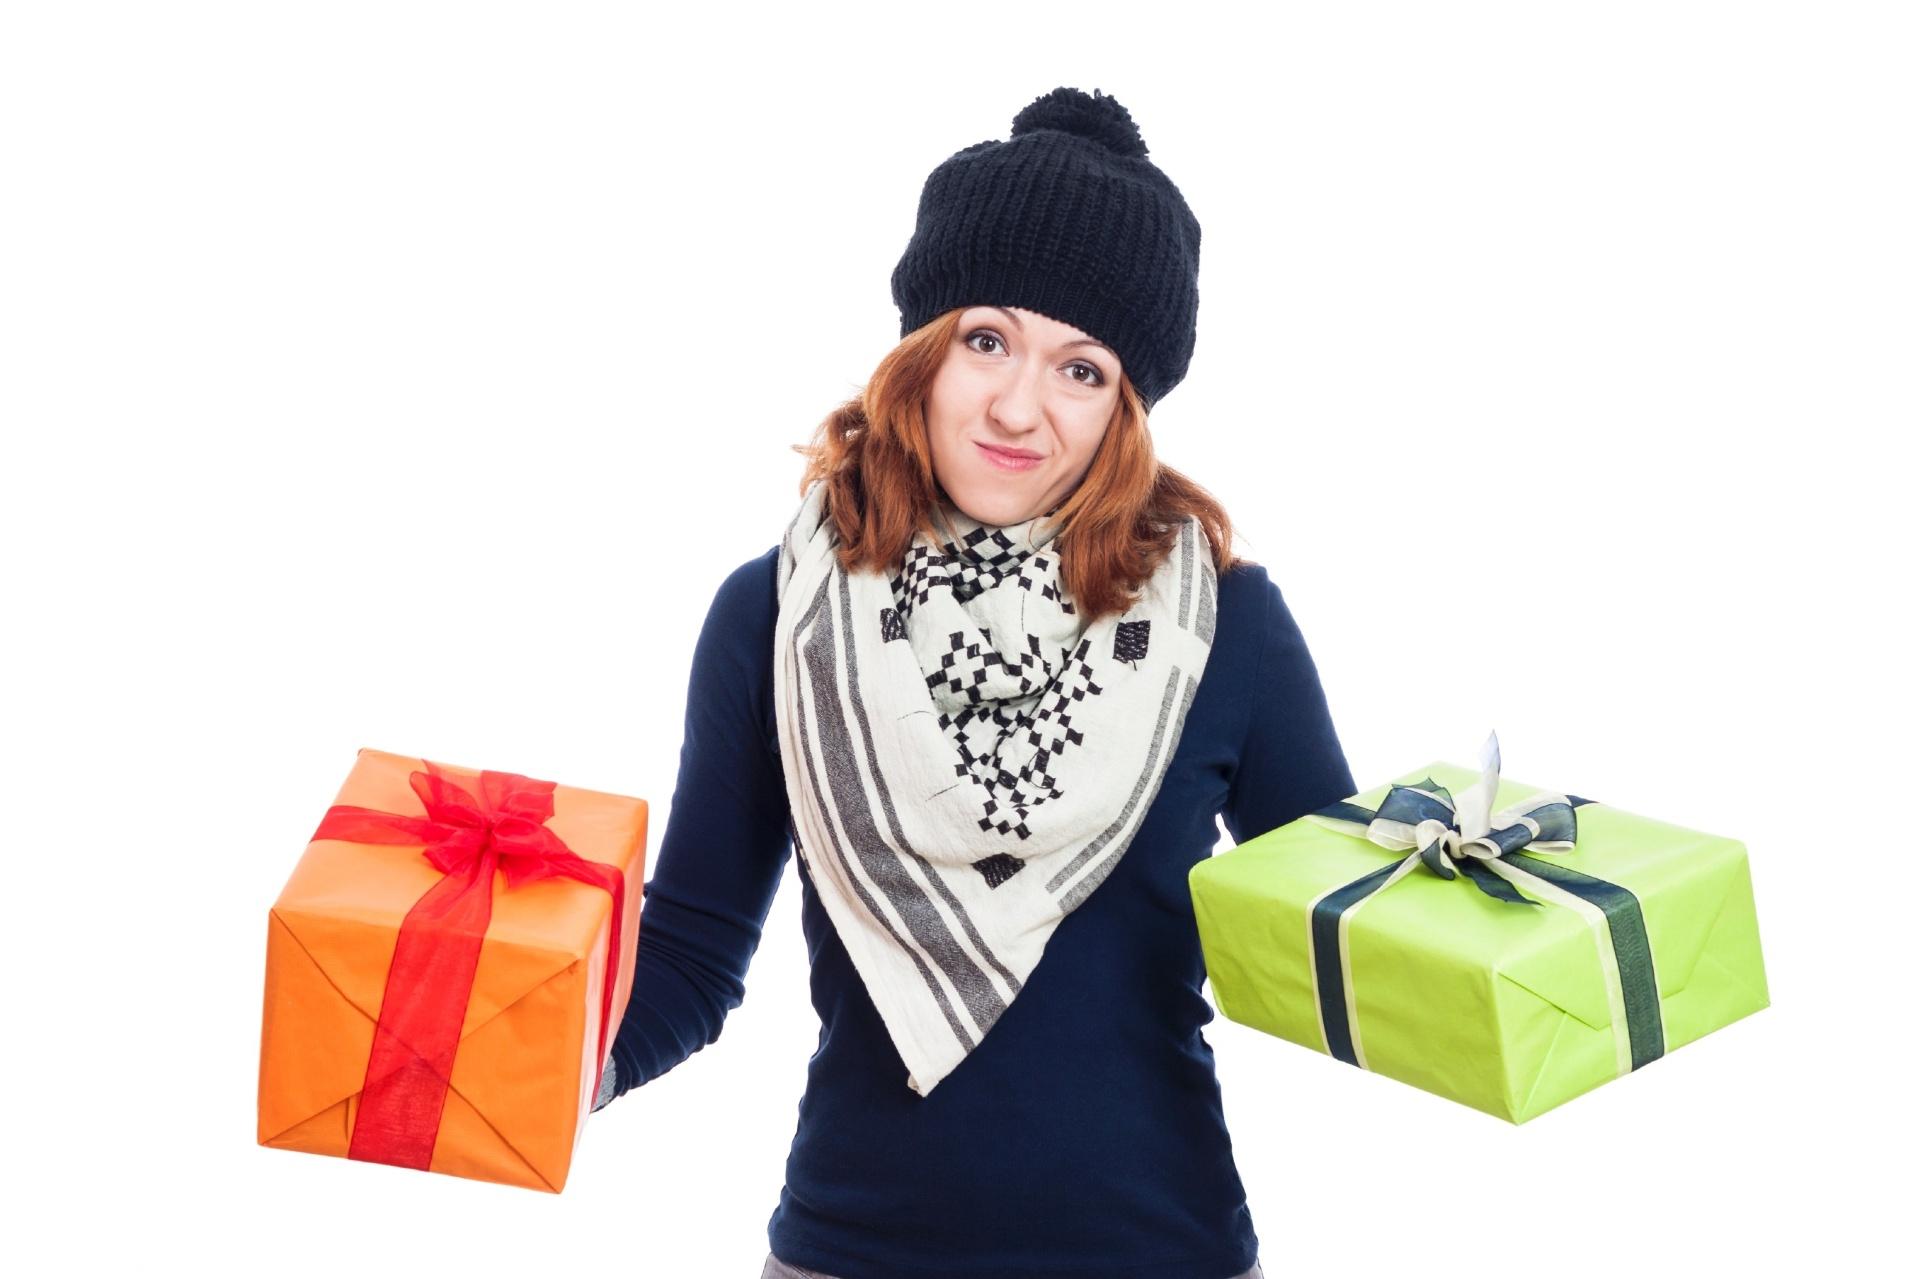 Não gostou do presente de Natal? Confira seus direitos na troca - 26/12/2017 - UOL Economia